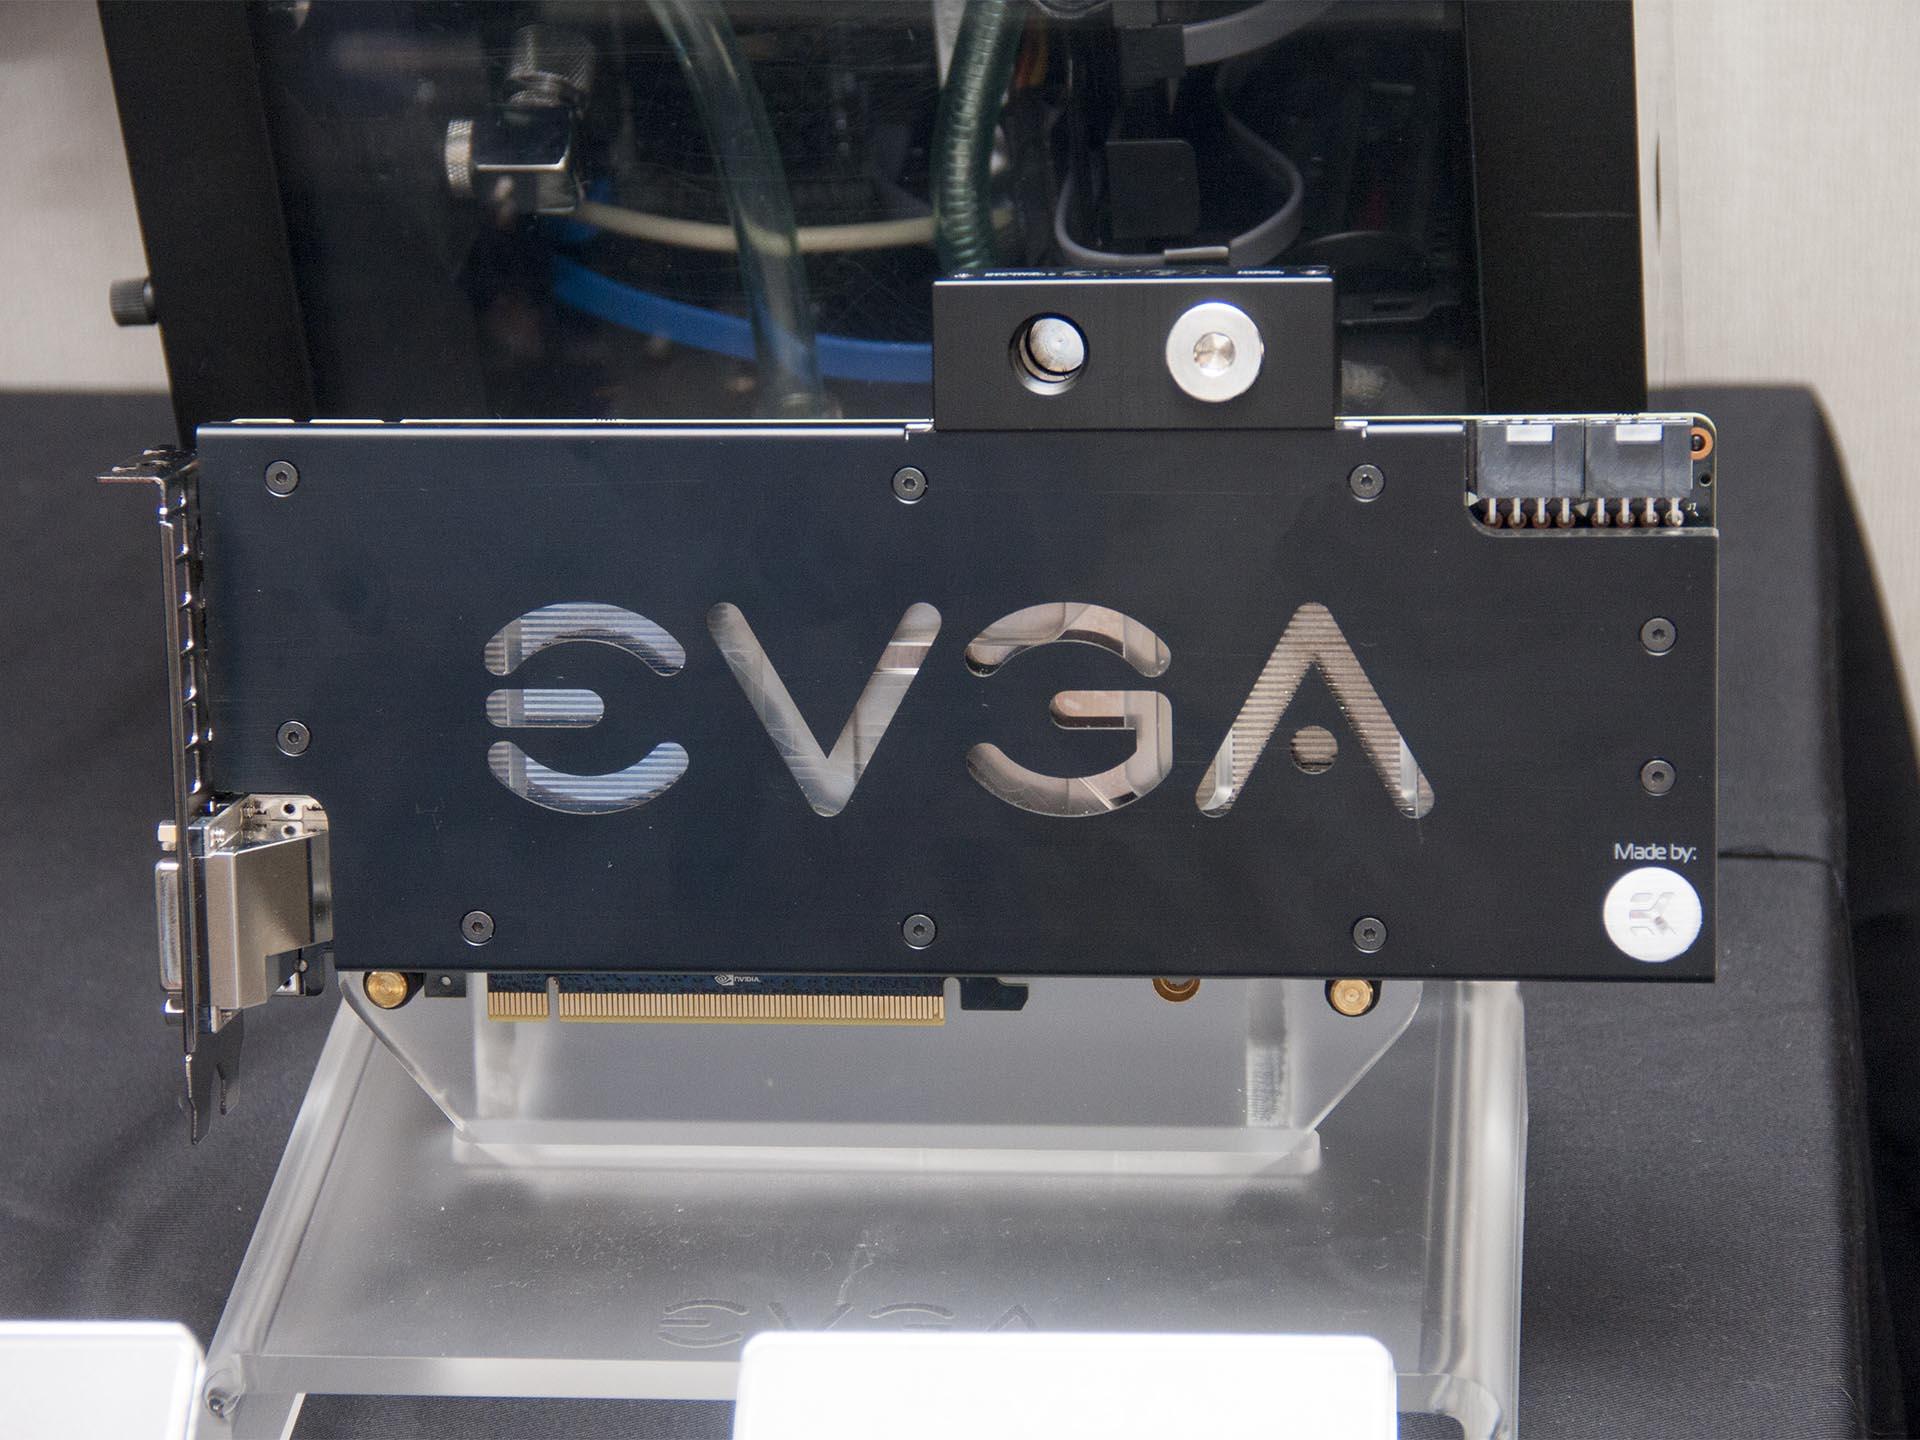 顯卡新設計:影馳影像加強模組、華碩0dB散熱、撼訊風扇延時冷卻模組、Devil 13終極空冷設計